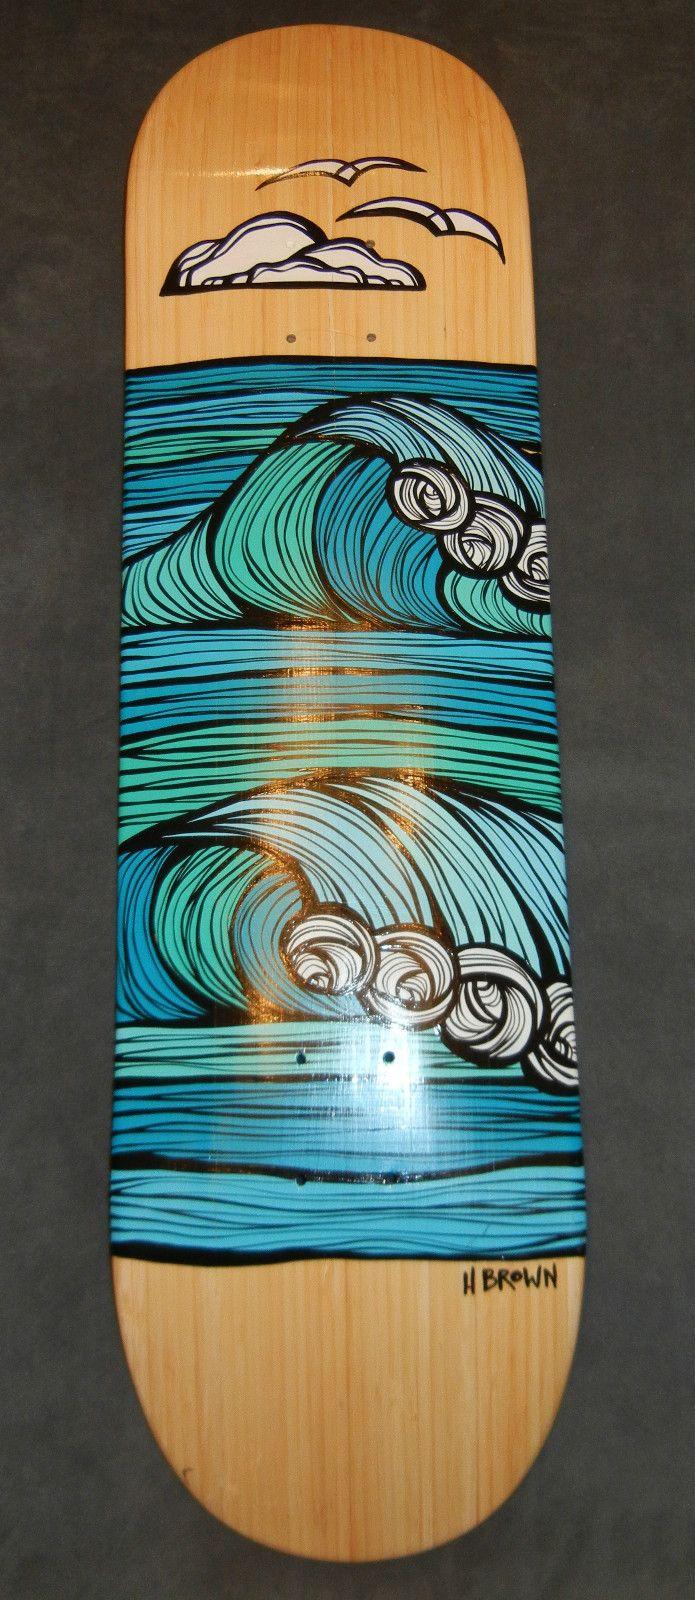 Vagues | Art à thème surf, Art patin, Art surf